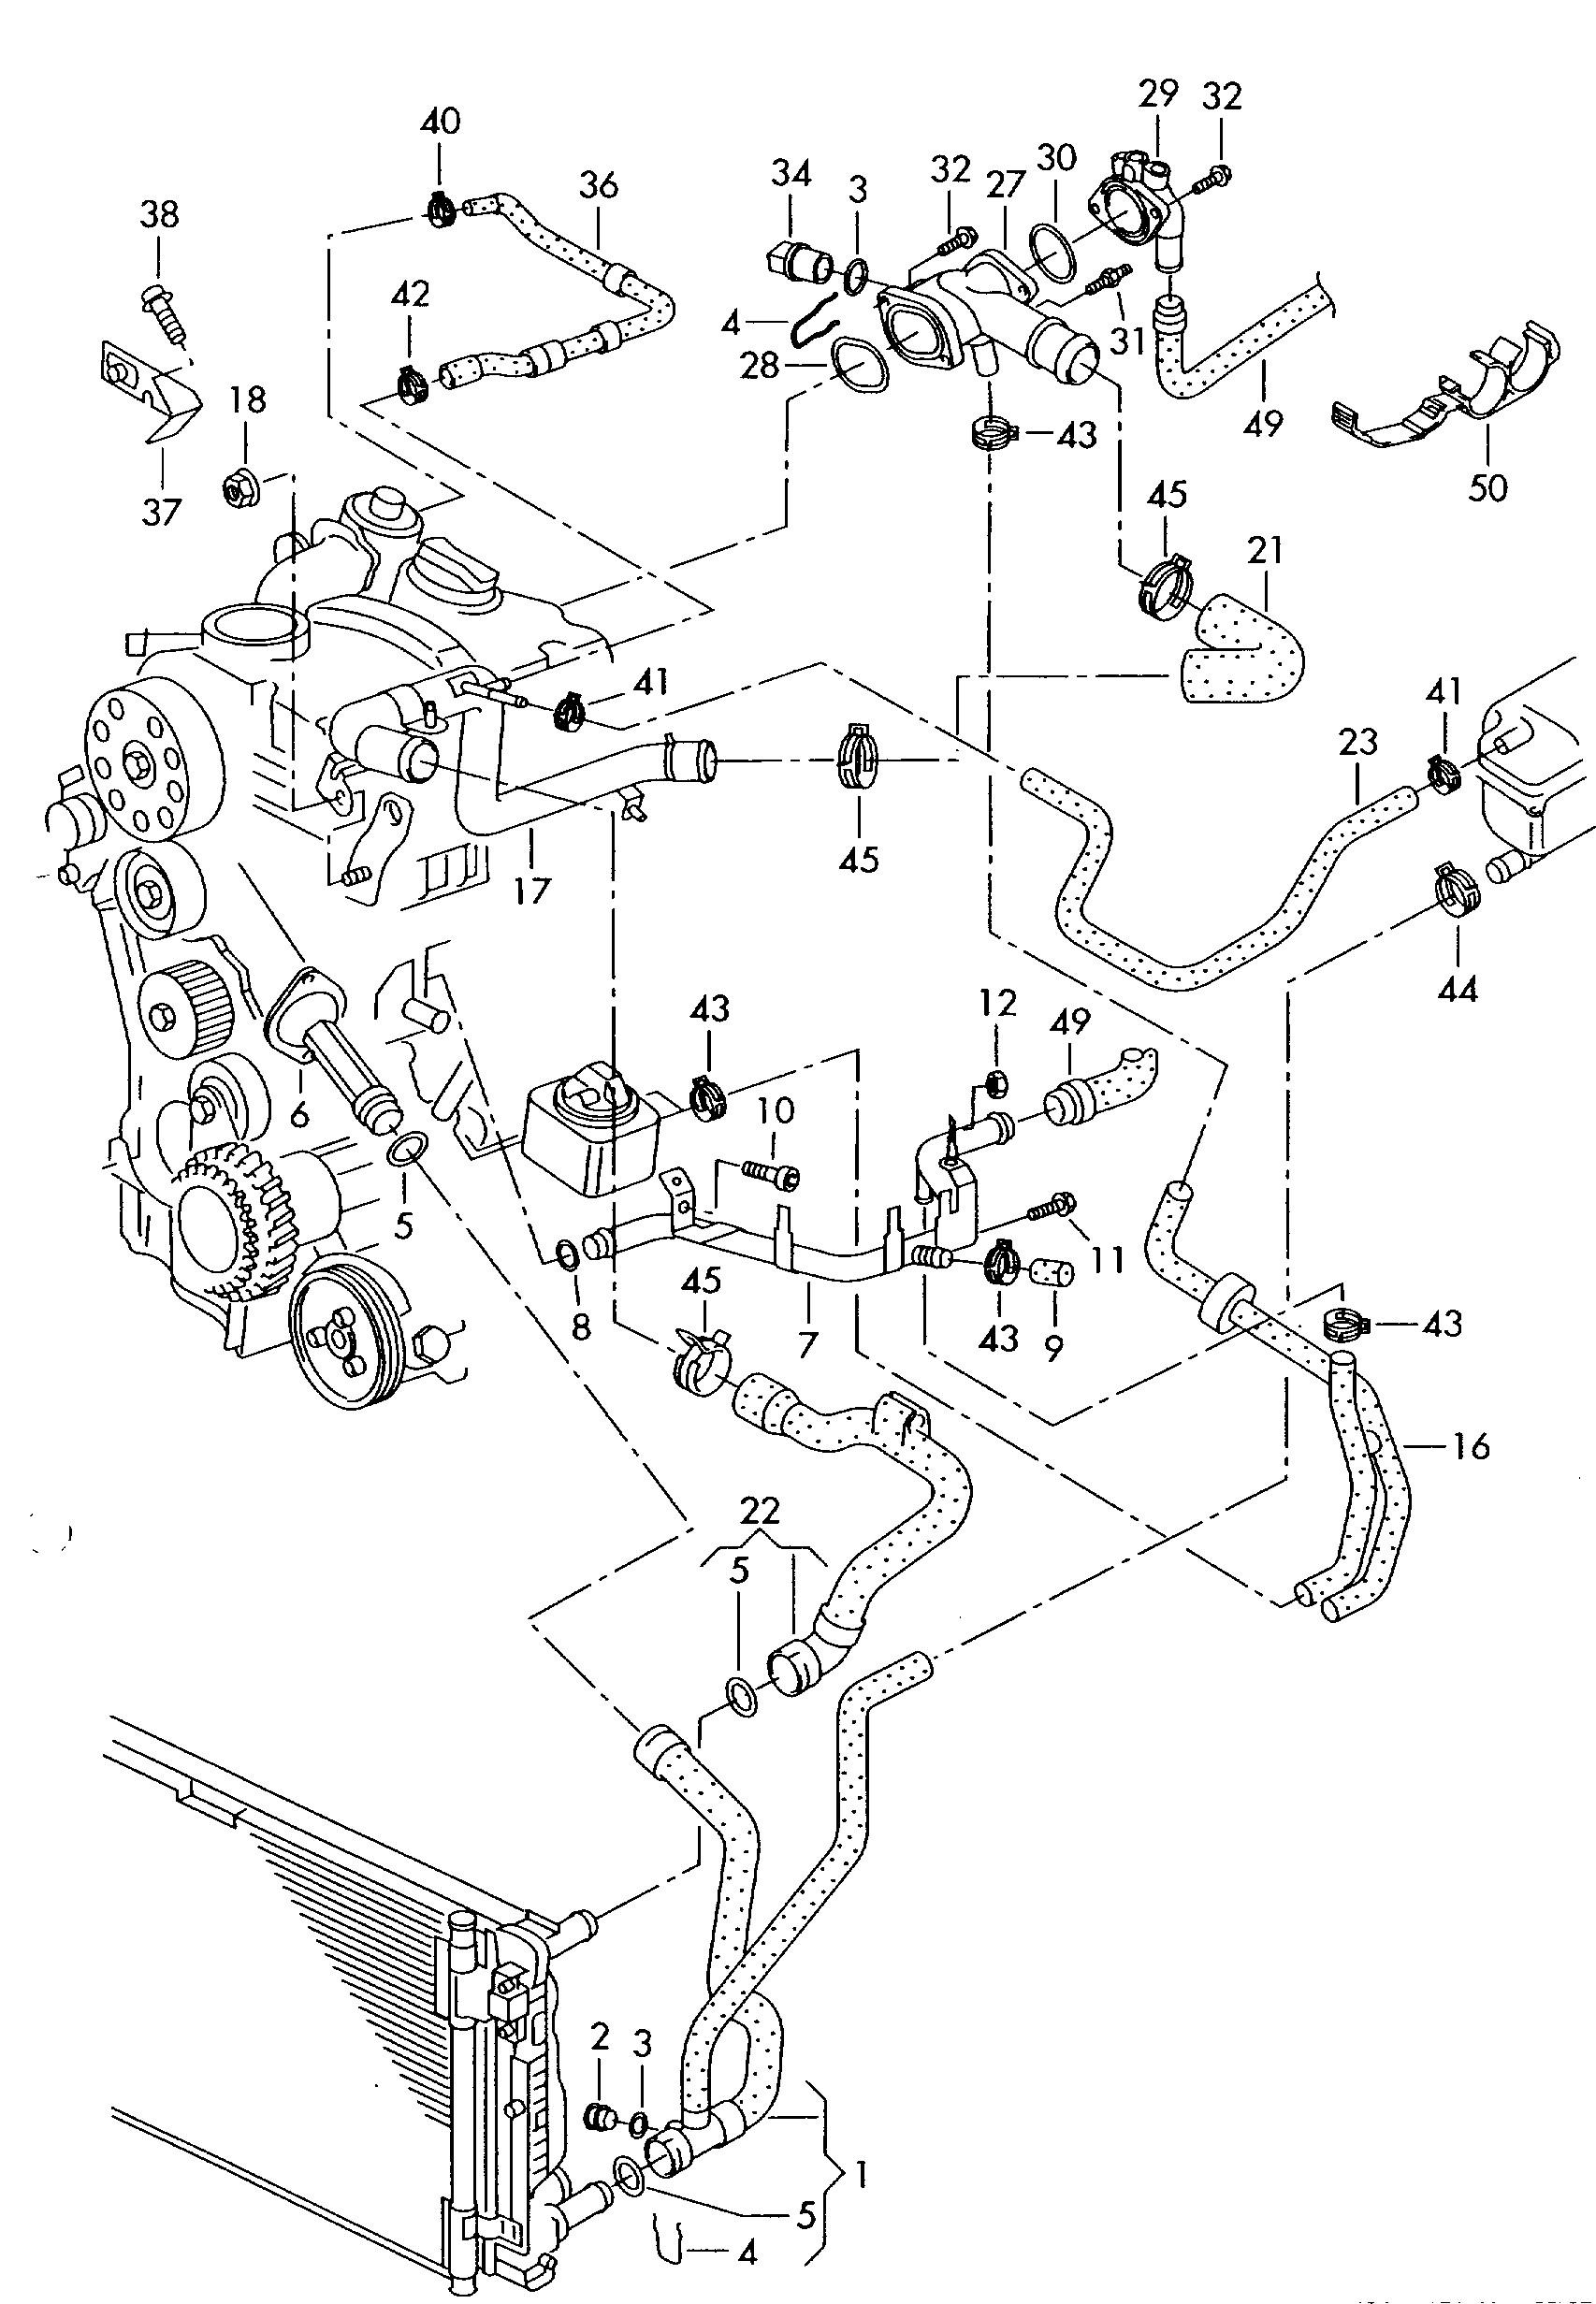 2001 Vw Passat 1 8 T Engine Diagram 2000 Vw Passat Engine Diagram Wiring Diagram Of 2001 Vw Passat 1 8 T Engine Diagram